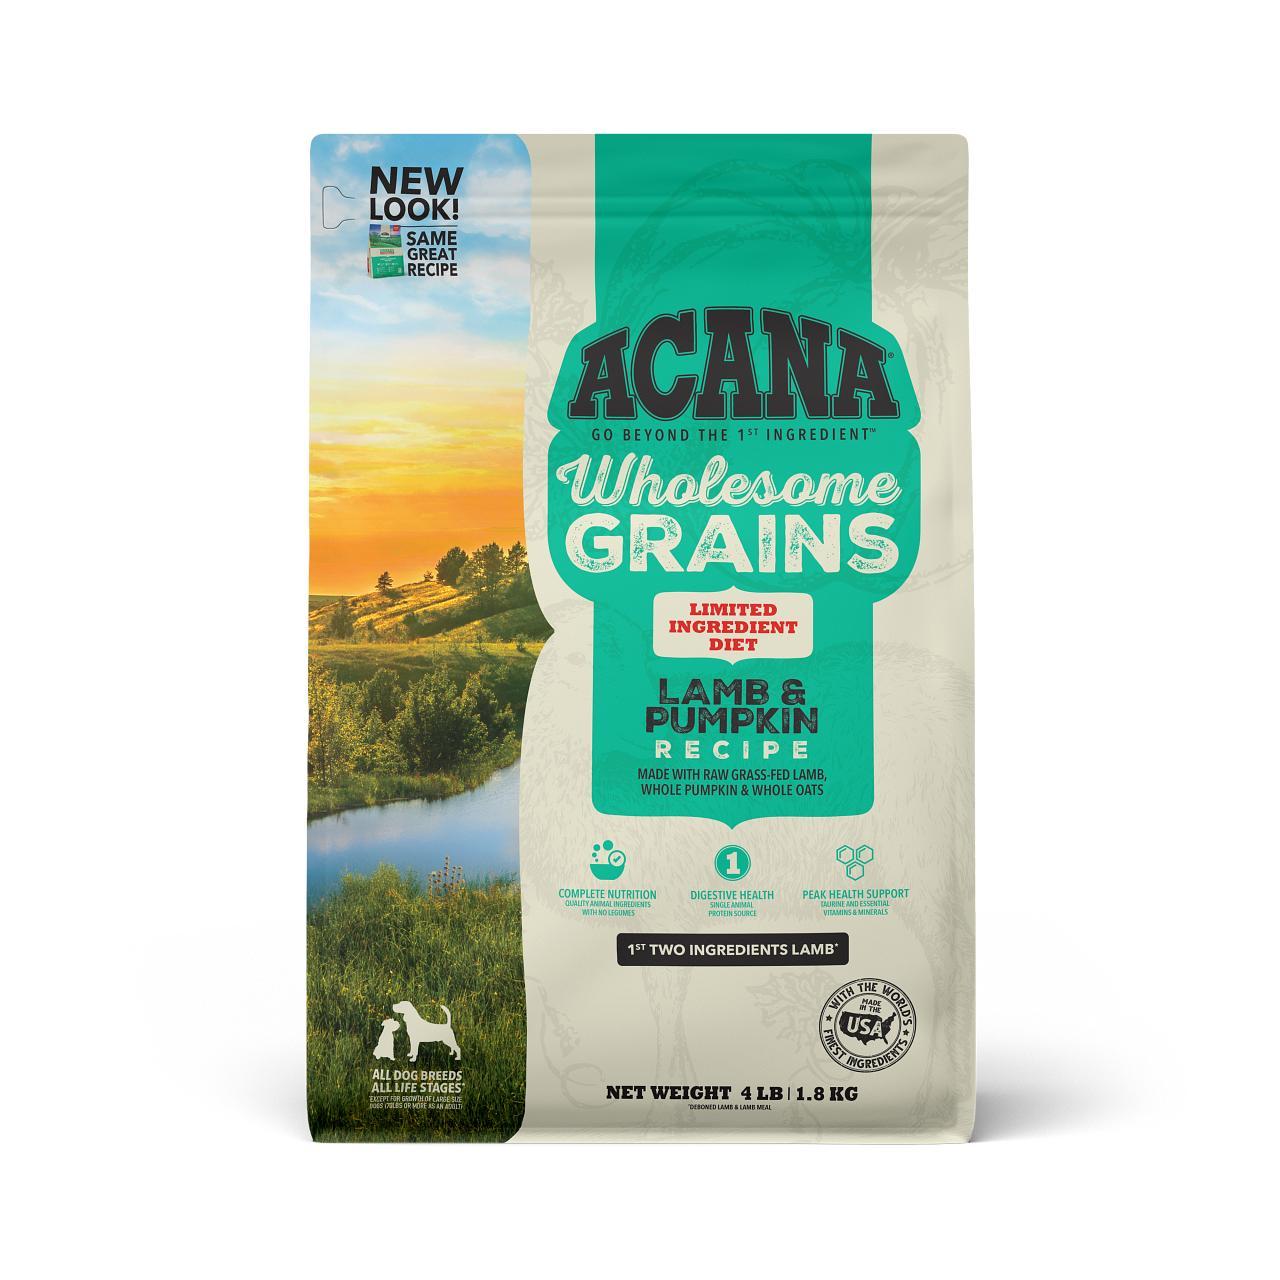 ACANA Wholesome Grains Lamb & Pumpkin Dry Dog Food, 4-lb